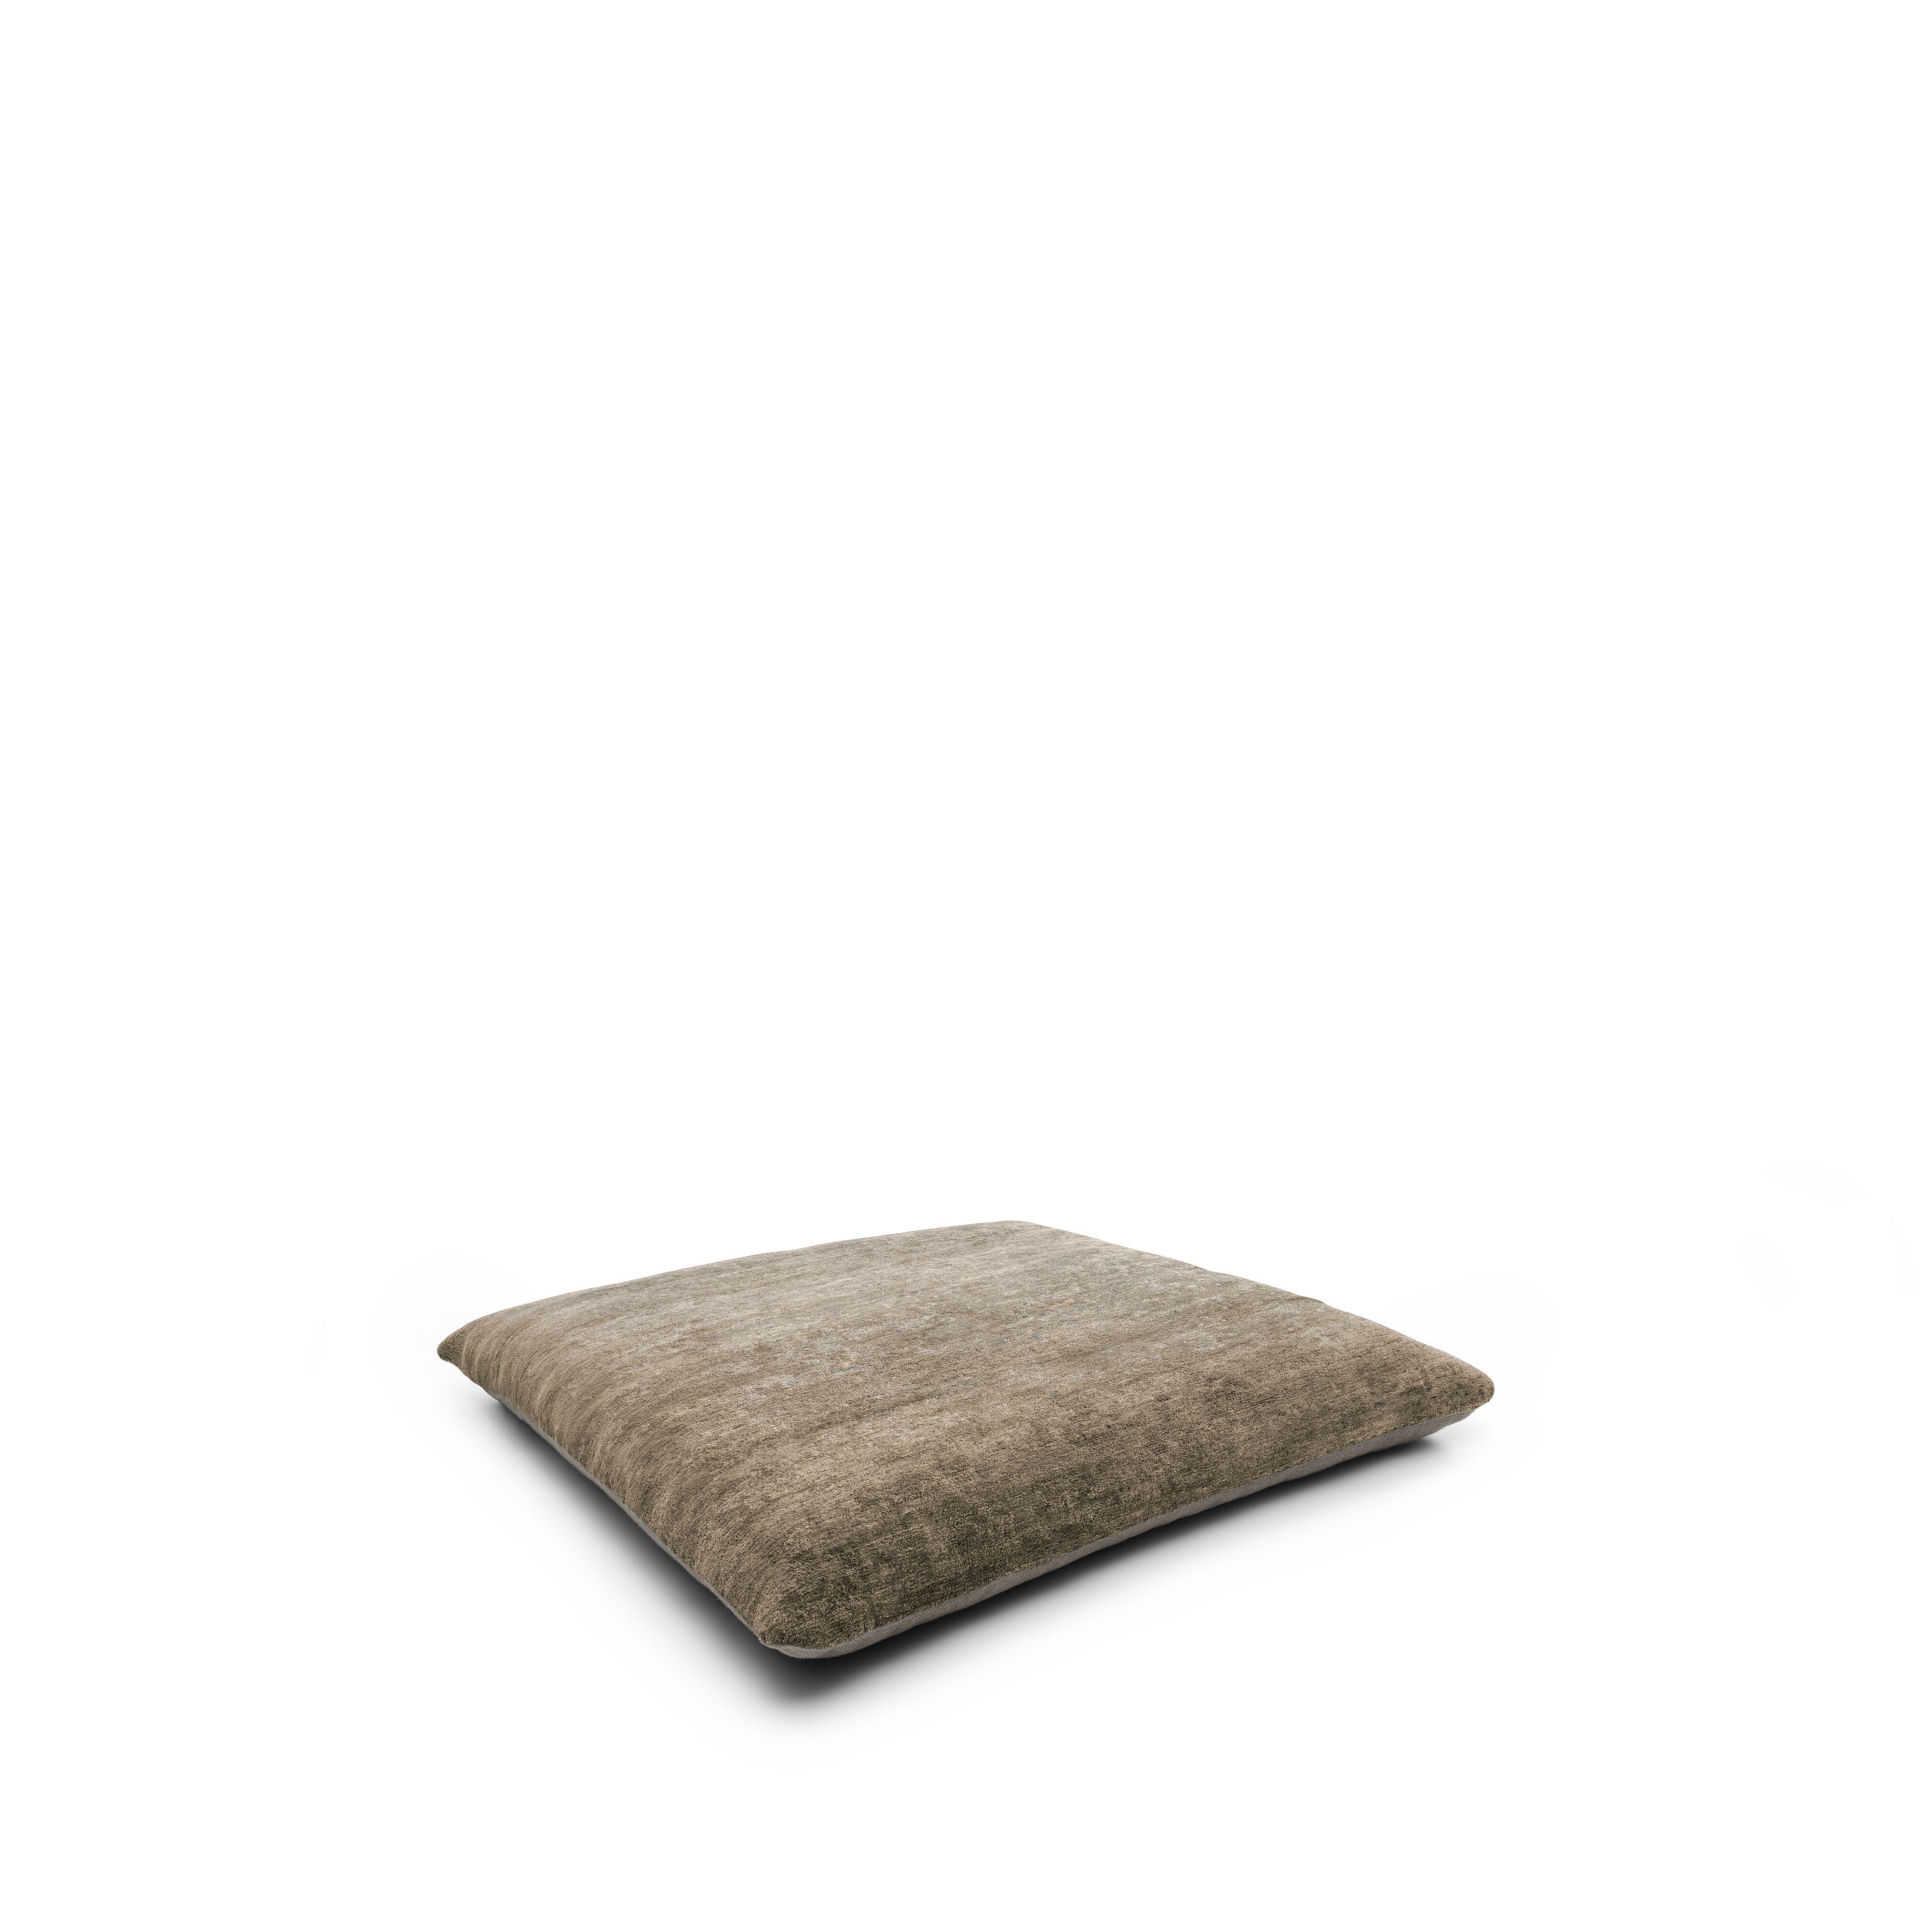 01-WK-Badawi-Pillows-Jangwa-1x1-0002-H.tif